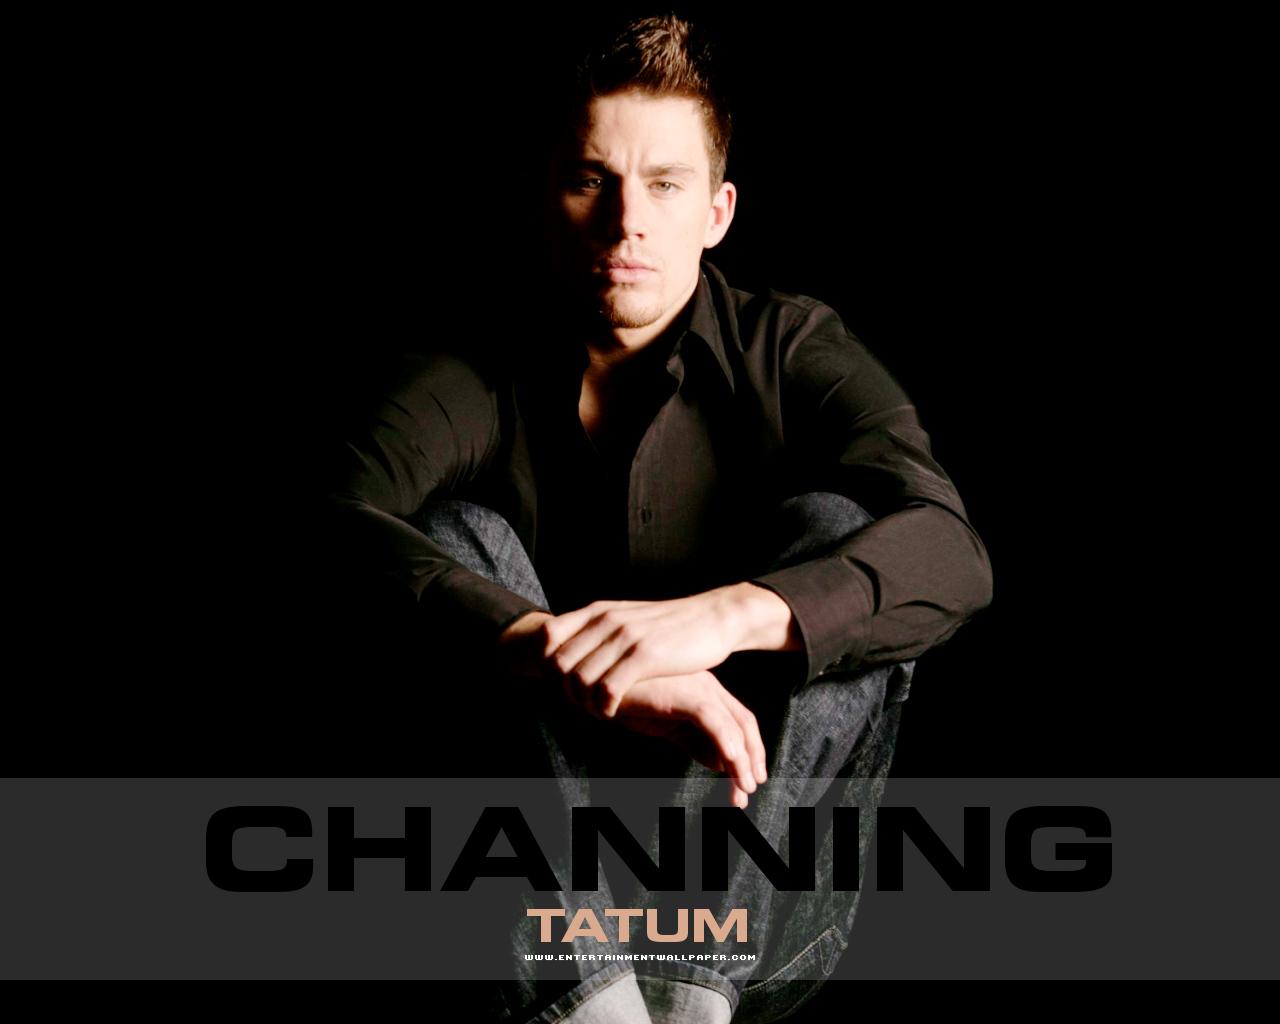 http://2.bp.blogspot.com/_4mXqshPrWtk/TNu7M8PZXAI/AAAAAAAAOaU/BscY7KpDR4w/s1600/channing_tatum01.jpg